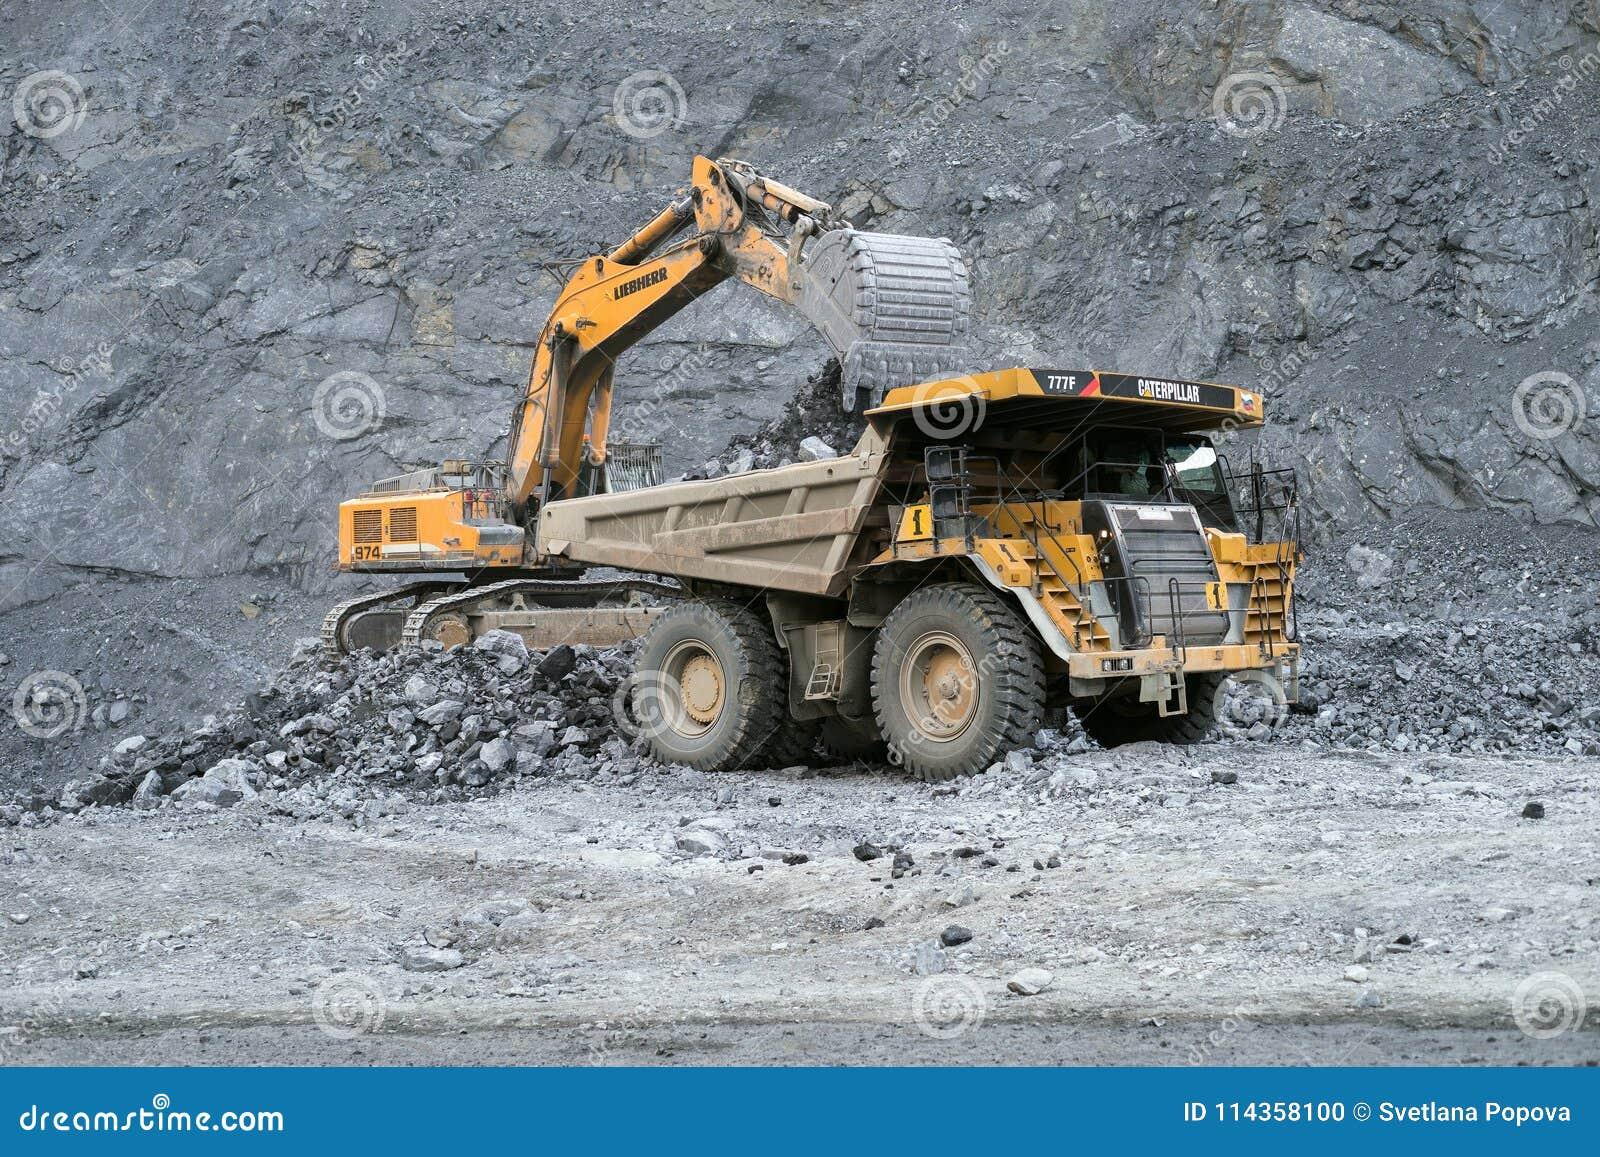 Ekskawator Liebherr ładuje kruszec w usyp ciężarówce Caterpillar w tle łup